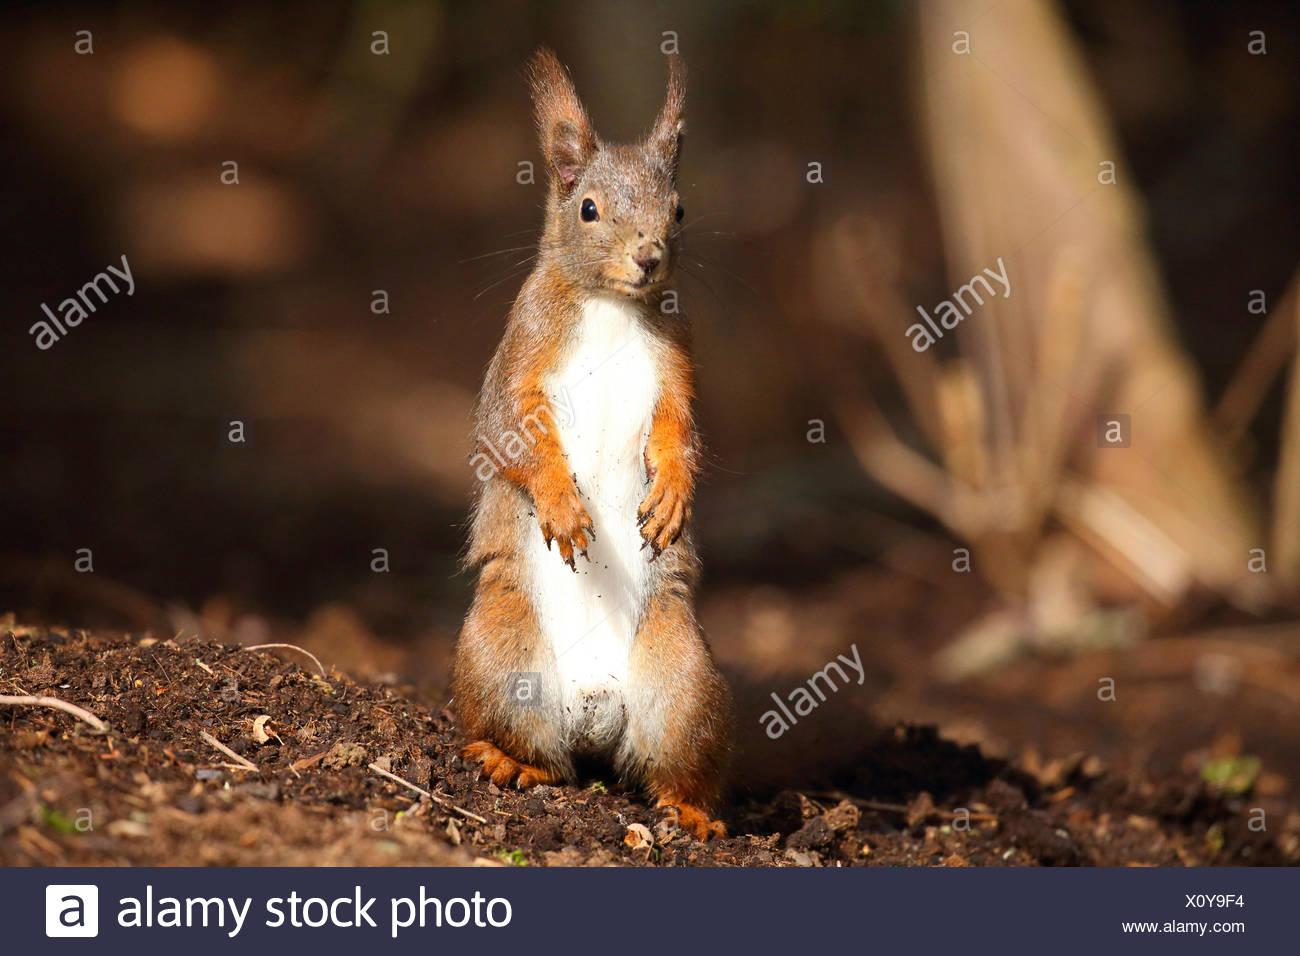 L'écureuil roux européen eurasien, l'écureuil roux (Sciurus vulgaris), assis sur les pattes sur le sol, Allemagne Photo Stock